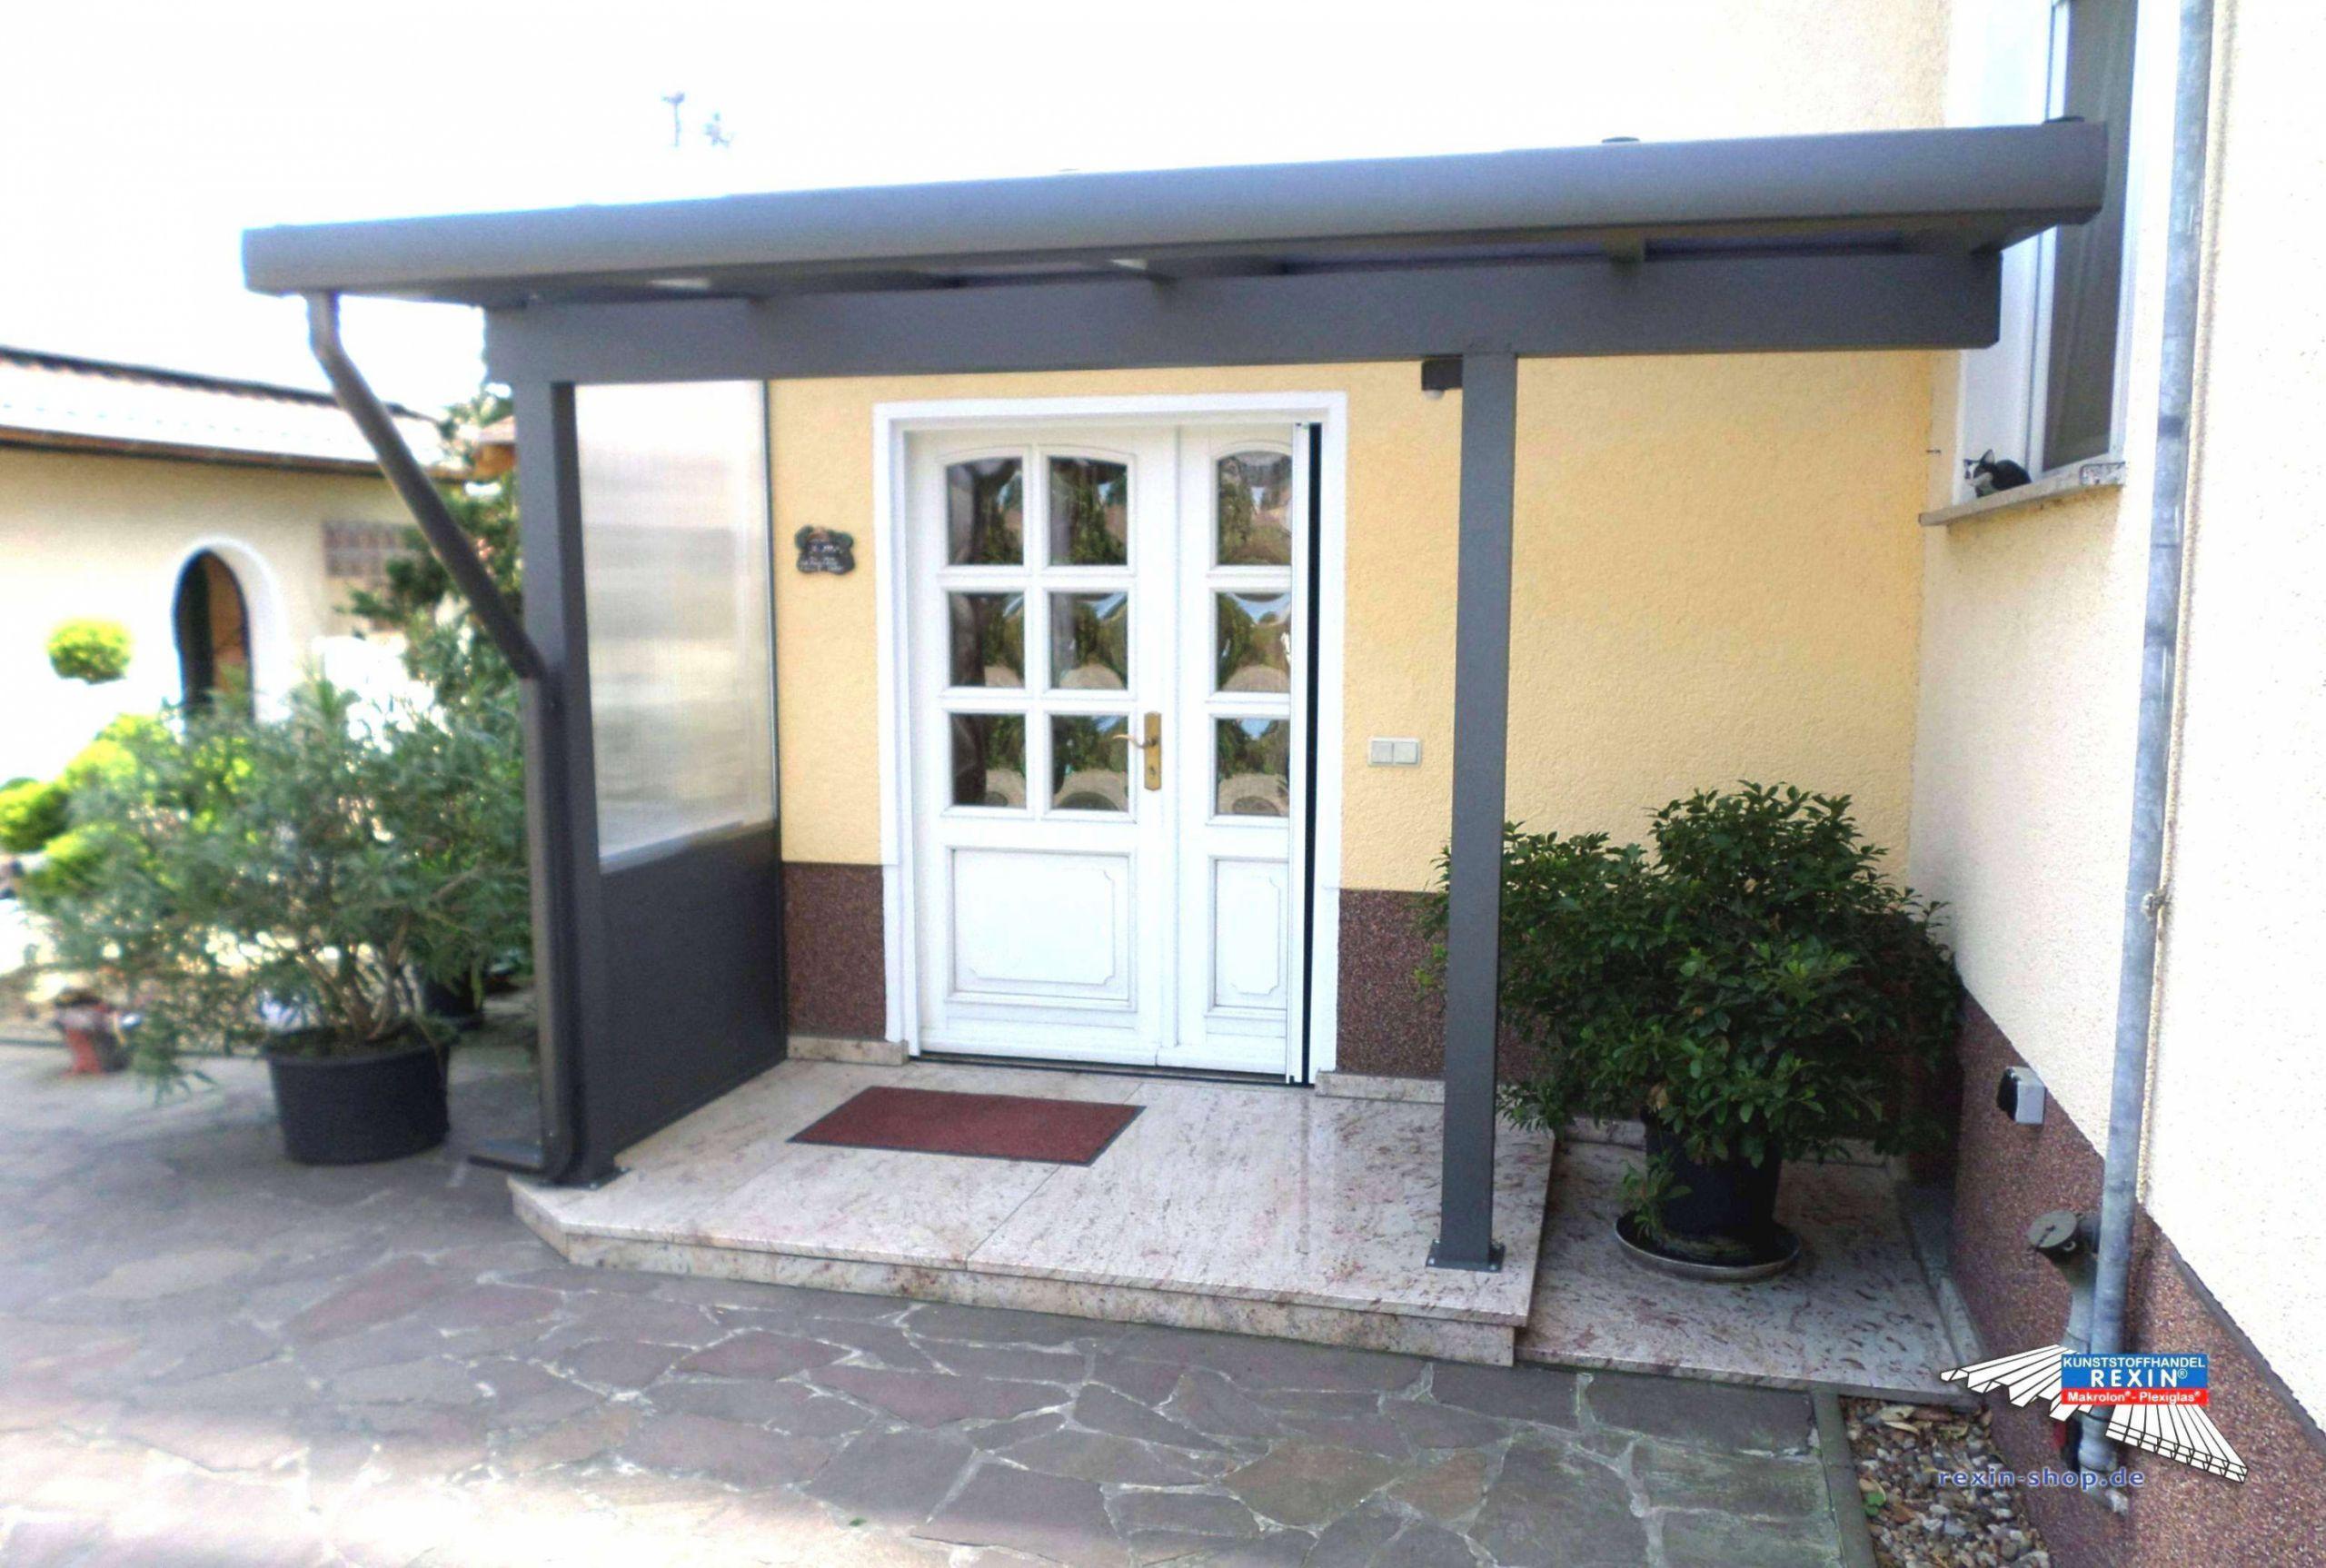 Balkongestaltung Ideen Neu Kleiner Balkon Ideen — Temobardz Home Blog